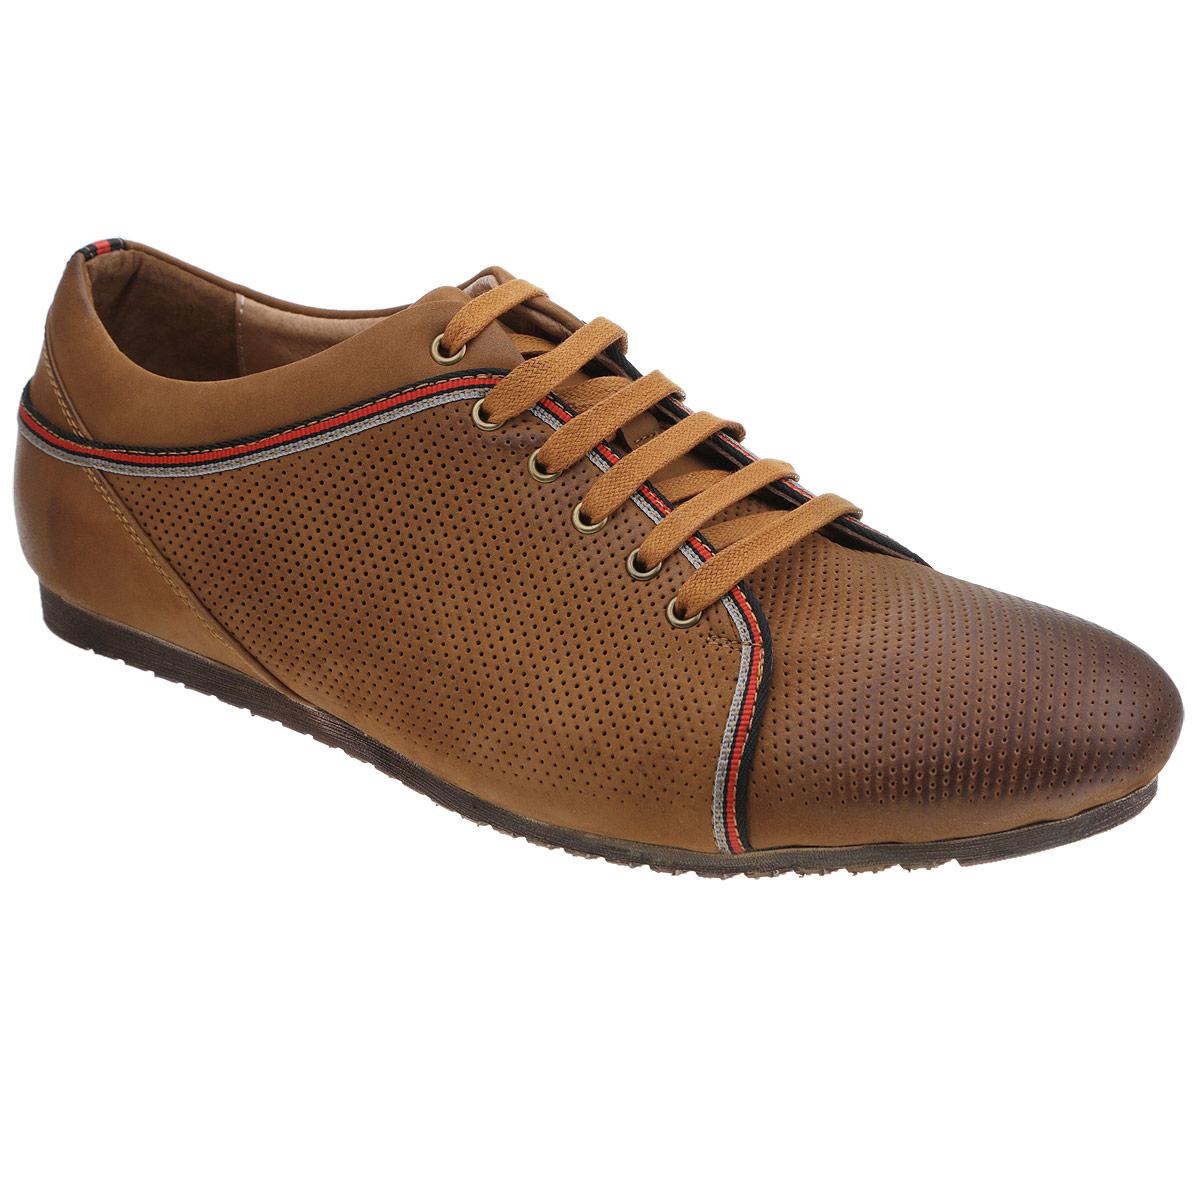 111-168-26Стильные мужские полуботинки от Dino Ricci не оставят вас равнодушным! Модель выполнена из натурального высококачественного нубука и декорирована перфорацией и текстильными нашивками. Шнуровка позволяет прочно зафиксировать обувь на ноге. Стелька EVA с внешней поверхностью из натуральной кожи оснащена перфорацией, позволяющей вашим ногам дышать. Прочная резиновая подошва дополнена противоскользящим рифлением. Модные полуботинки прекрасно впишутся в ваш гардероб.